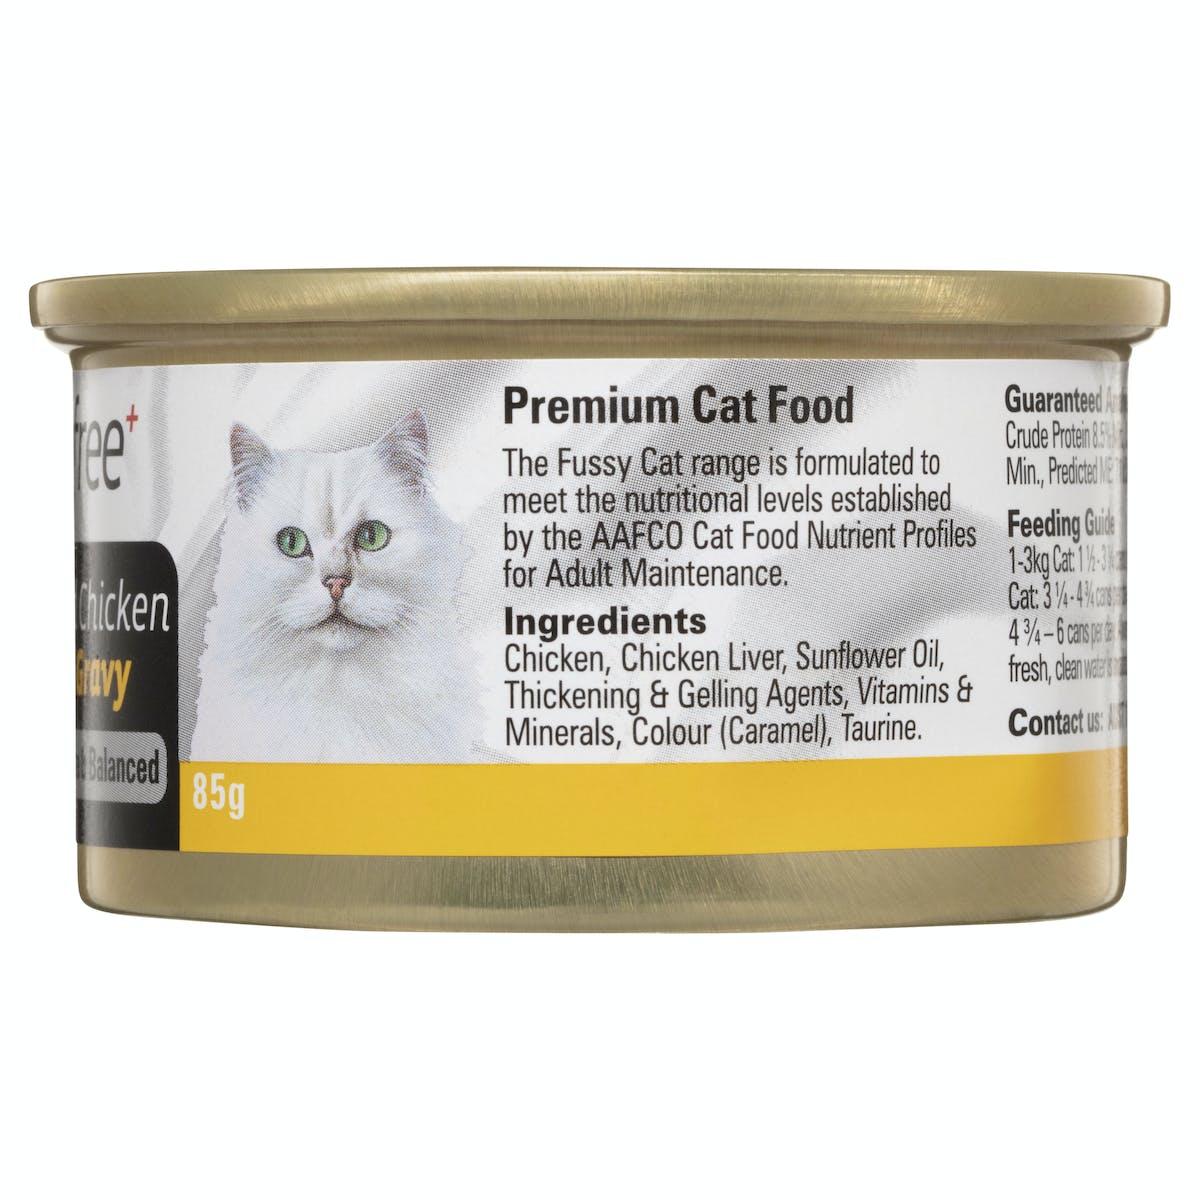 Fussy Cat | Shredded Chicken & Liver in Gravy 85g | Wet Cat Food | Back of pack